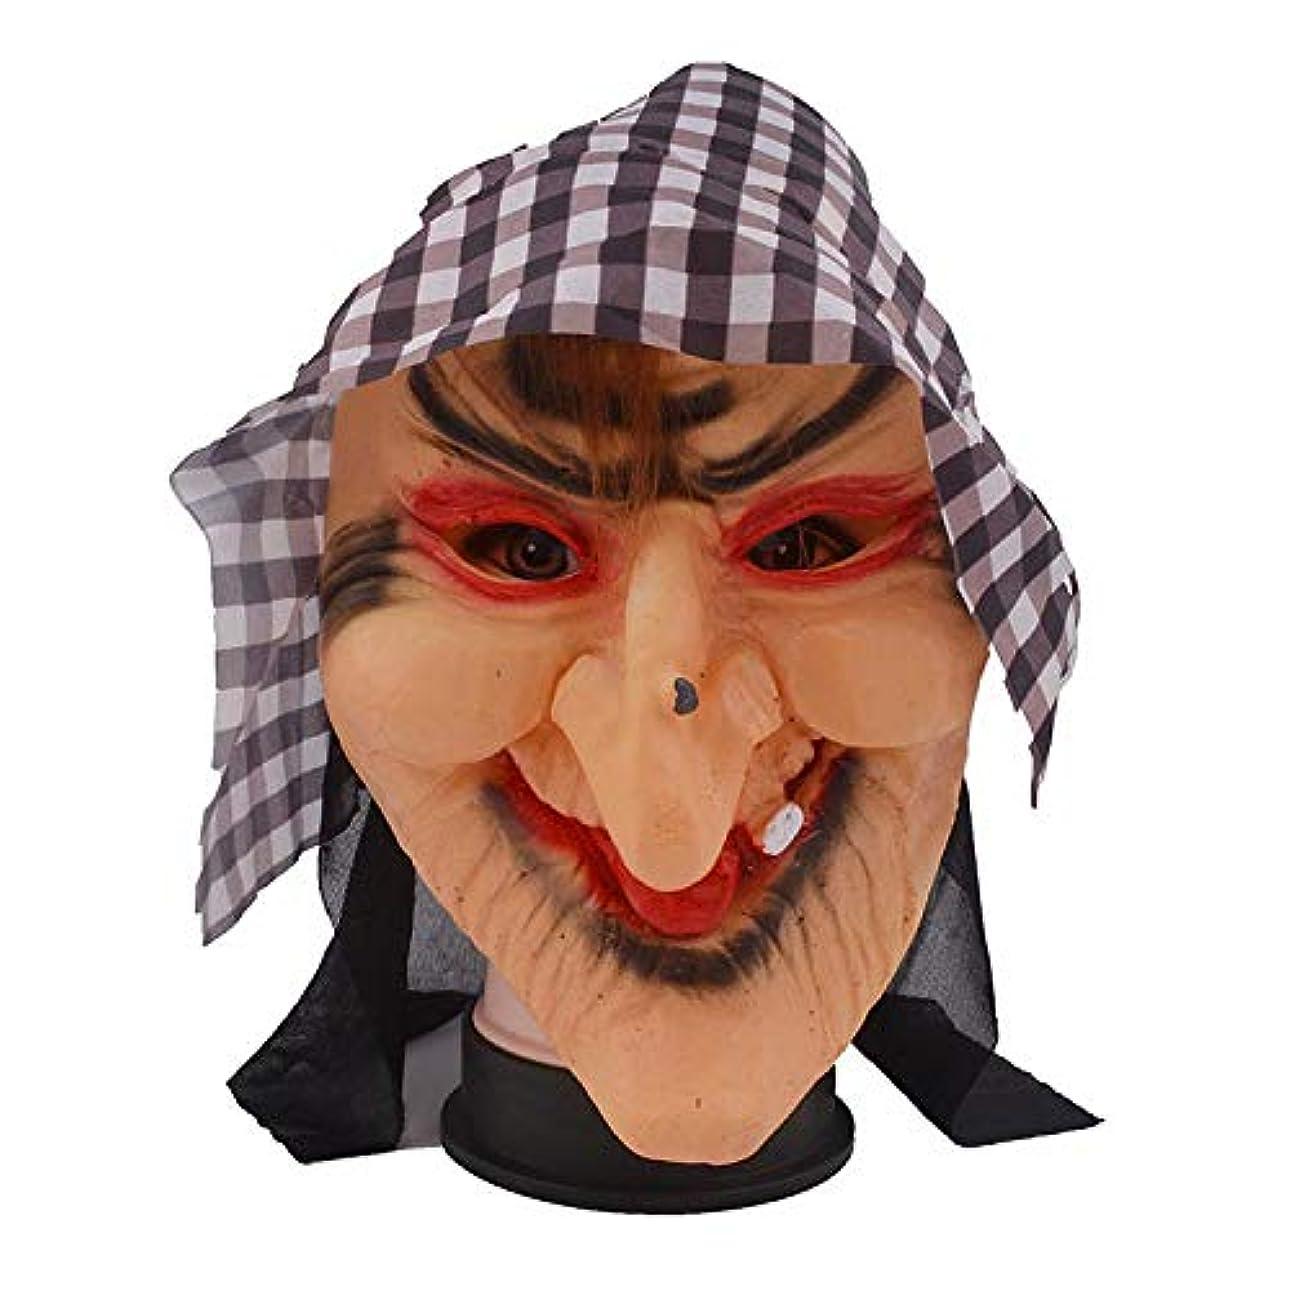 主人キャンペーンライバルハロウィーンは、プロムパフォーマンスの小道具ドレスアップマスクタータンチェックの魔女帽子ラテックスマスク